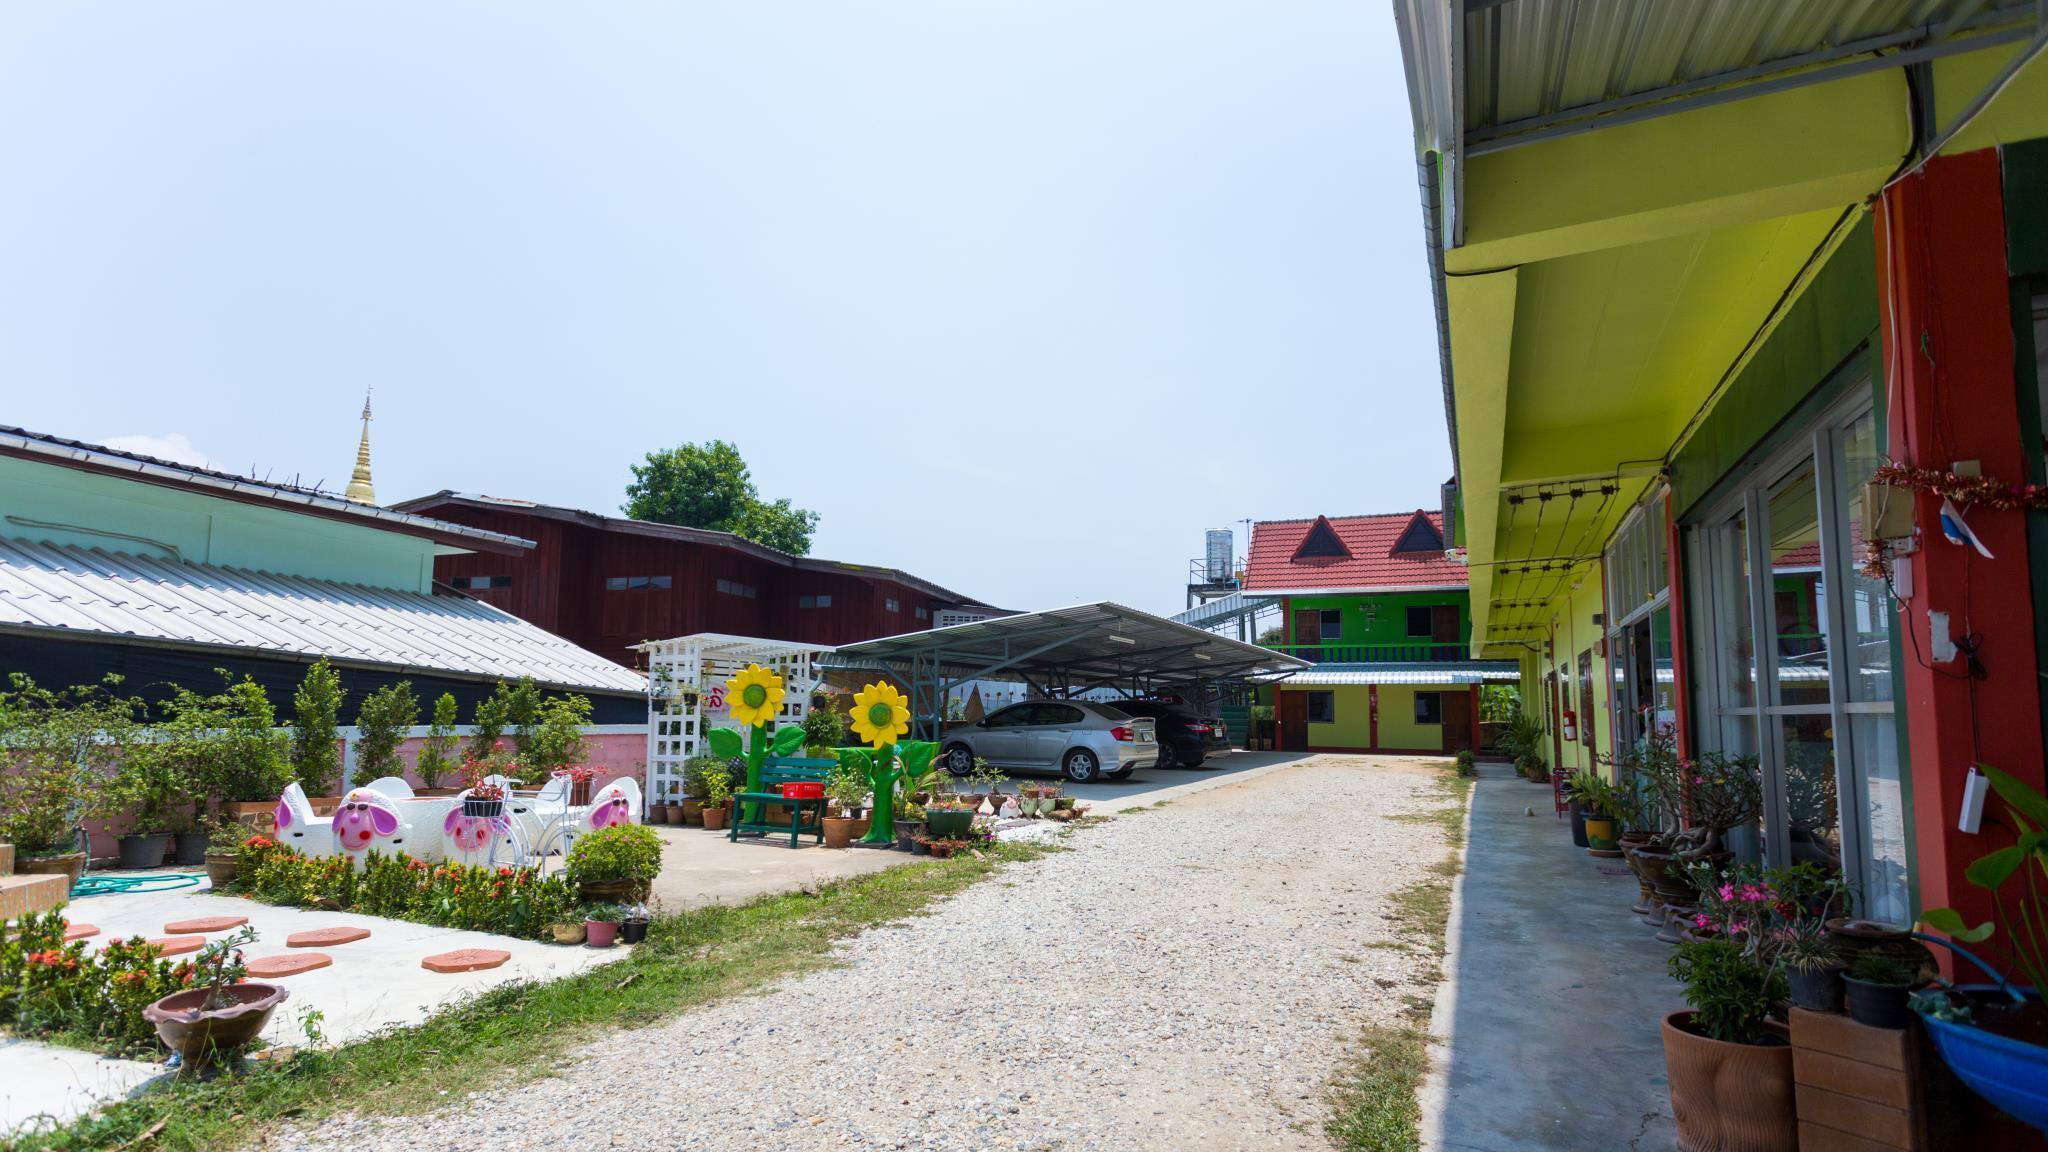 Mali Hotel Chiangsaen, Chiang Saen